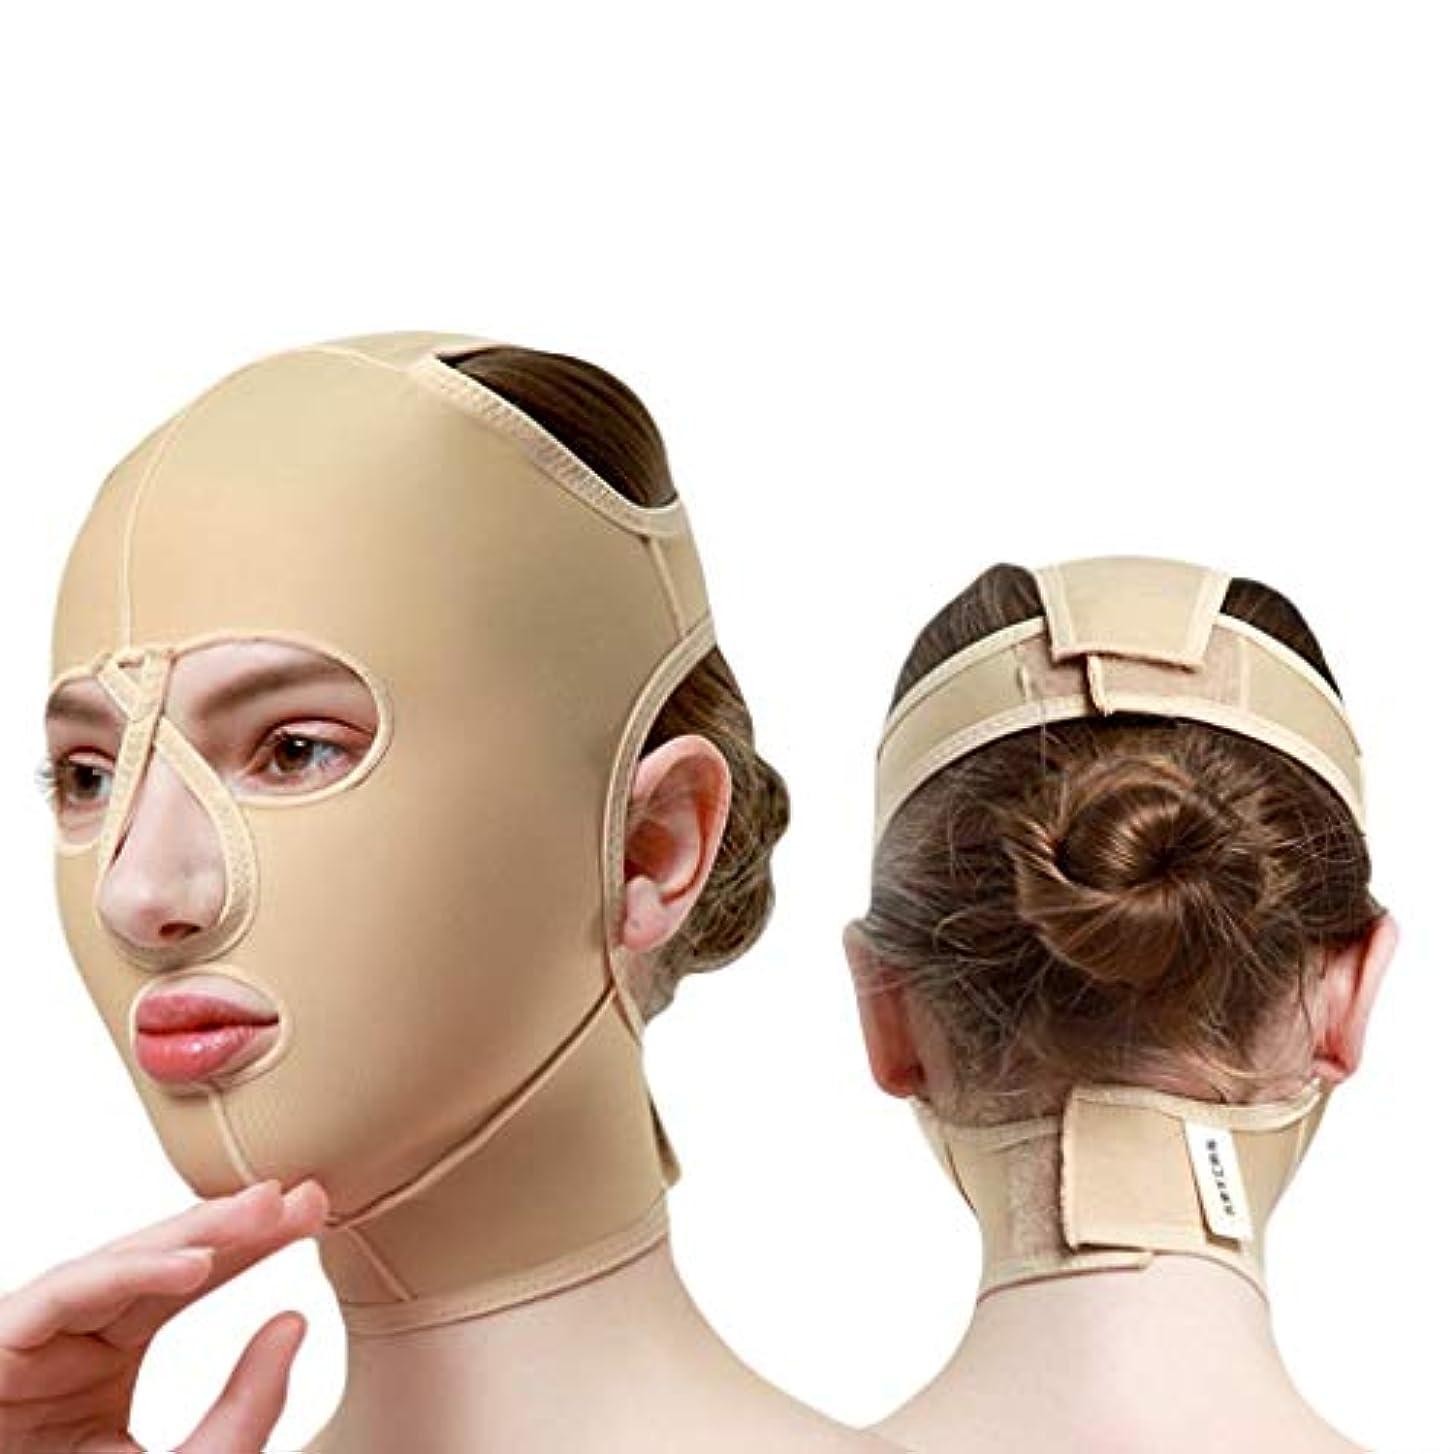 関係するしなければならないどこかチンストラップ、顔彫りツール、リフティングマスク、ダブルチンリデューサー、フェイスリフティングエラスティックマスクメス(サイズ:M),XL